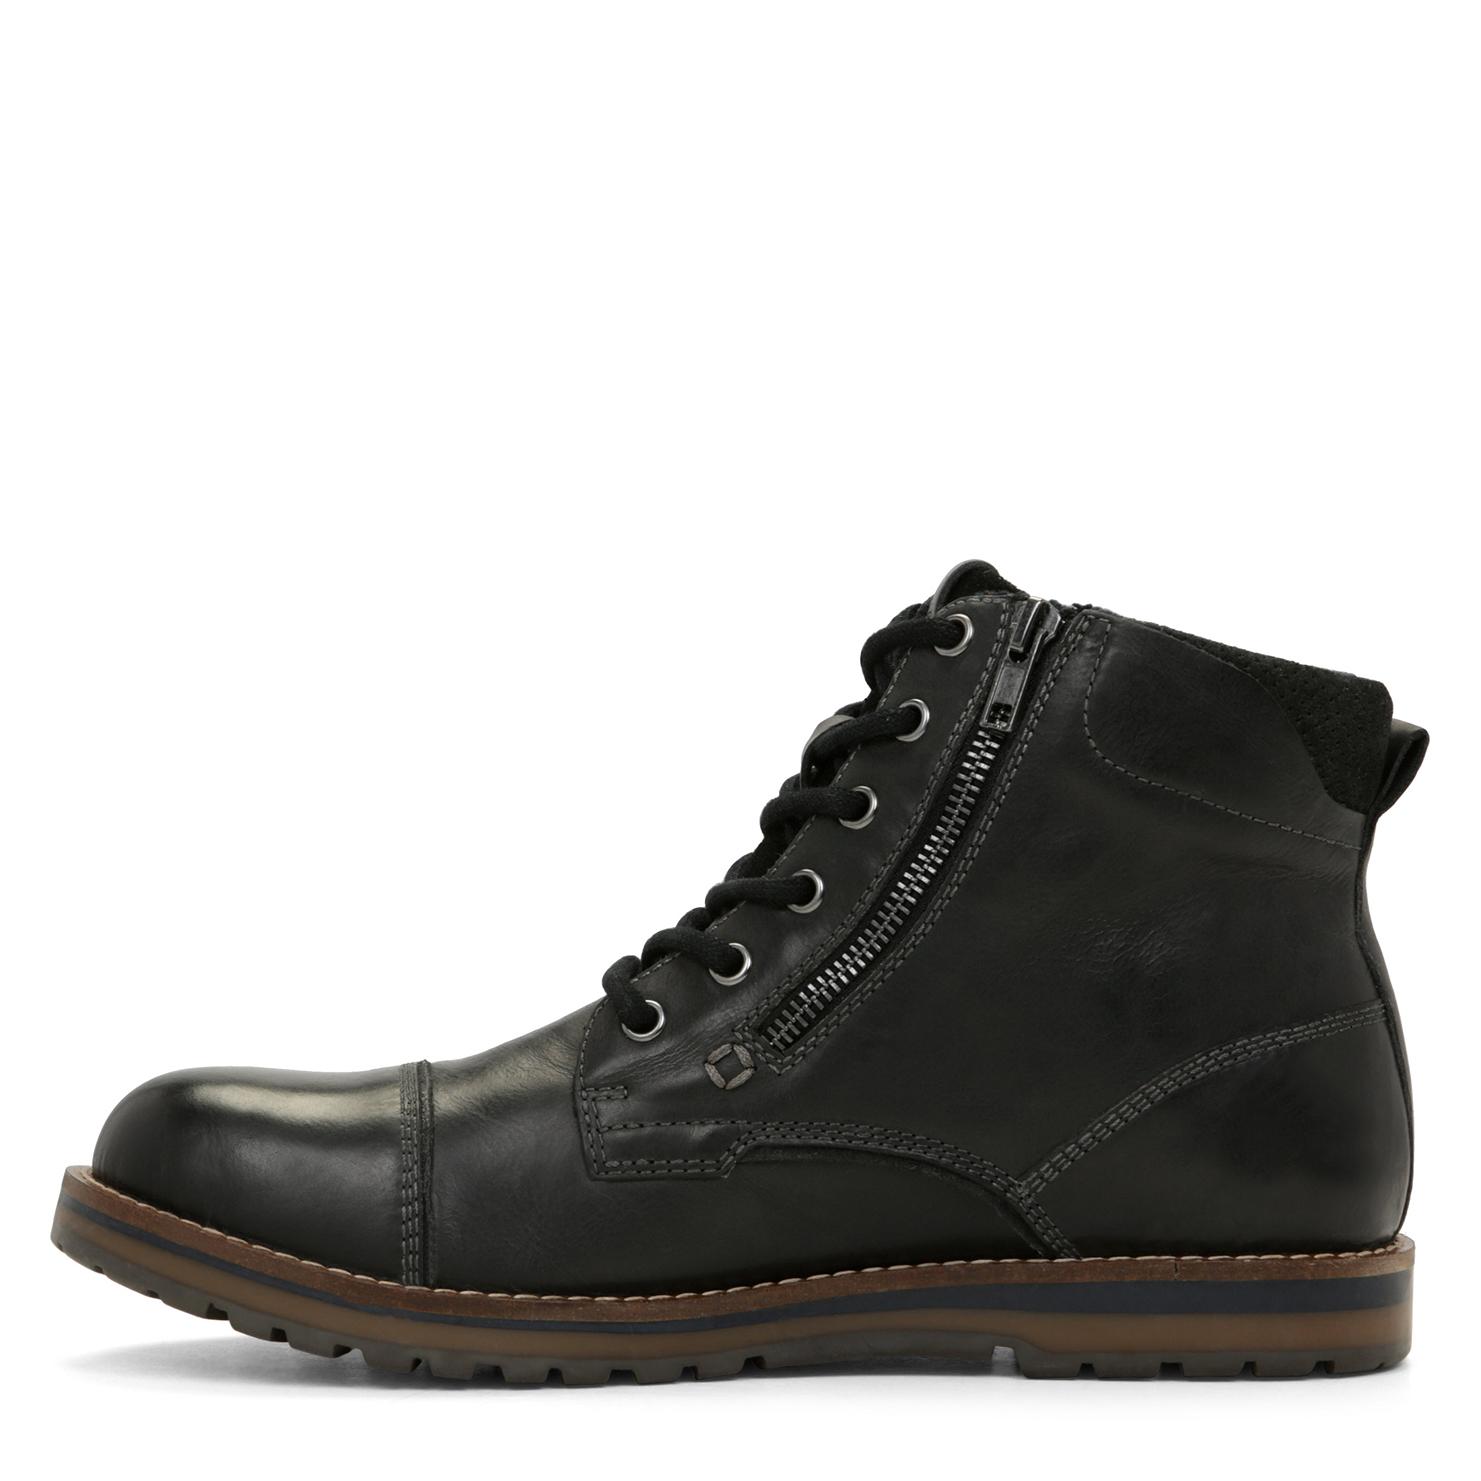 Black Desert Shoes Topman